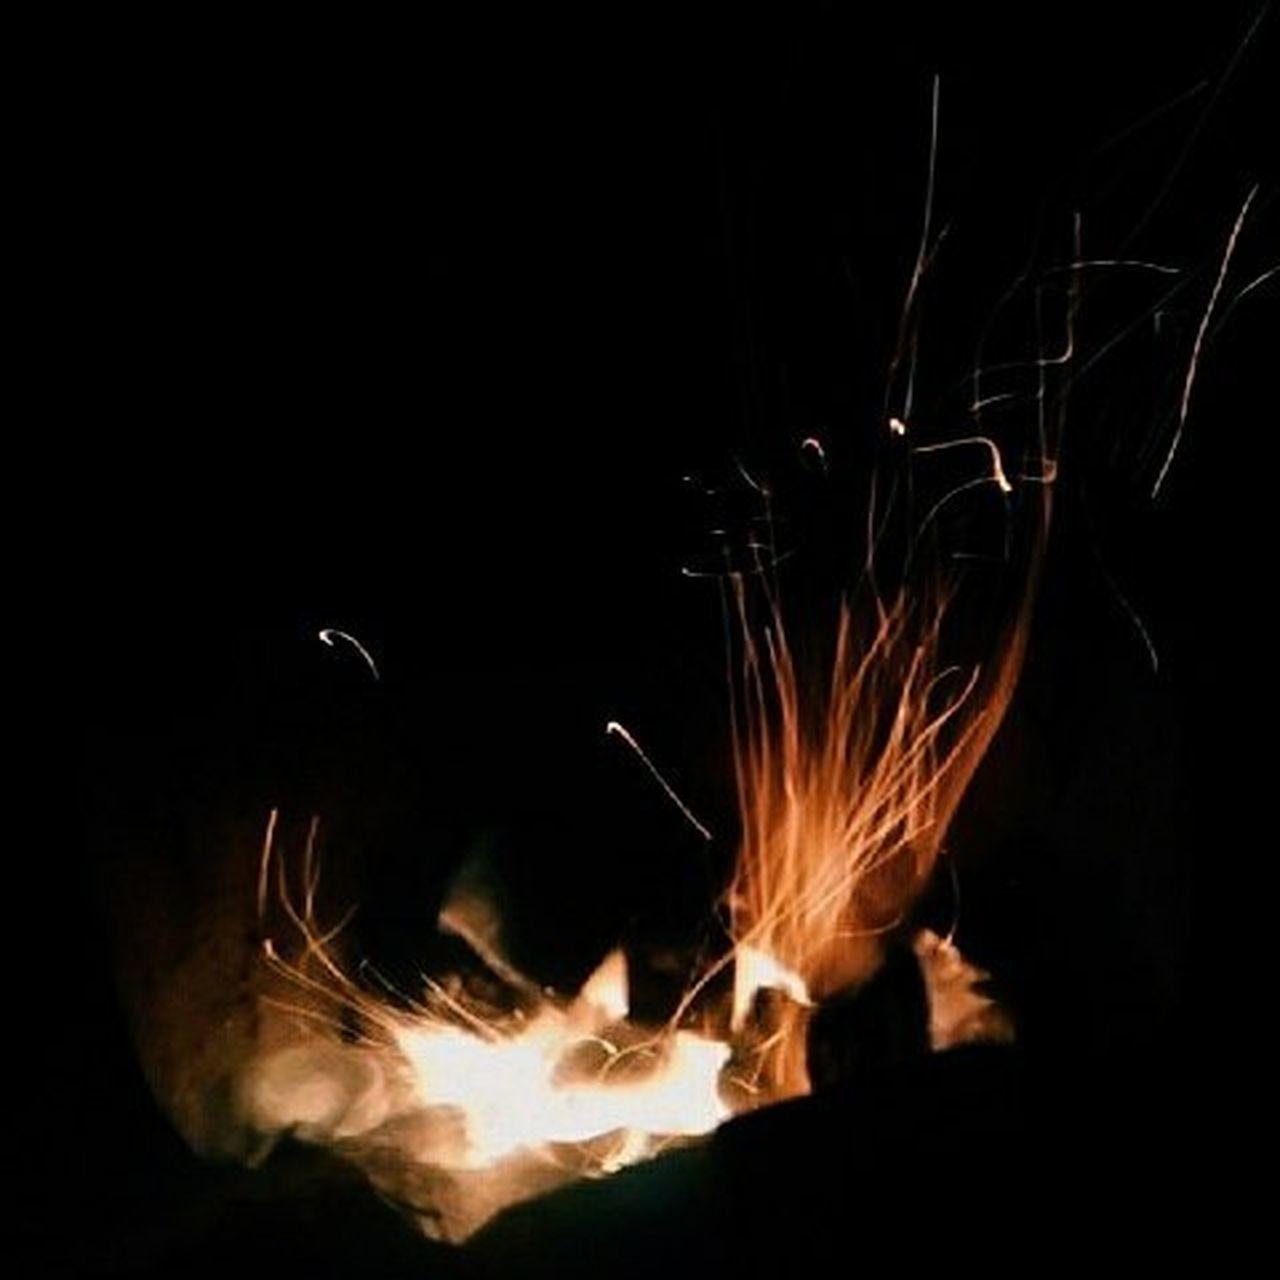 พรุ่งนี้ พร้อม มั้ย!! |@oakkc ♥♥ Adayinthailand Vscocam Photographer Photo Pictures Photograph Amazing Adaythailand Adayinthailand Thailand_allshots Thailand Wow_thailand Vscothailand VSCO Vscothai Vscocamthailand Vscogood Insta_thailand InstaFrame Igersthailand Amzthld Olympus OlympusPEN Epl7 Vscofilm